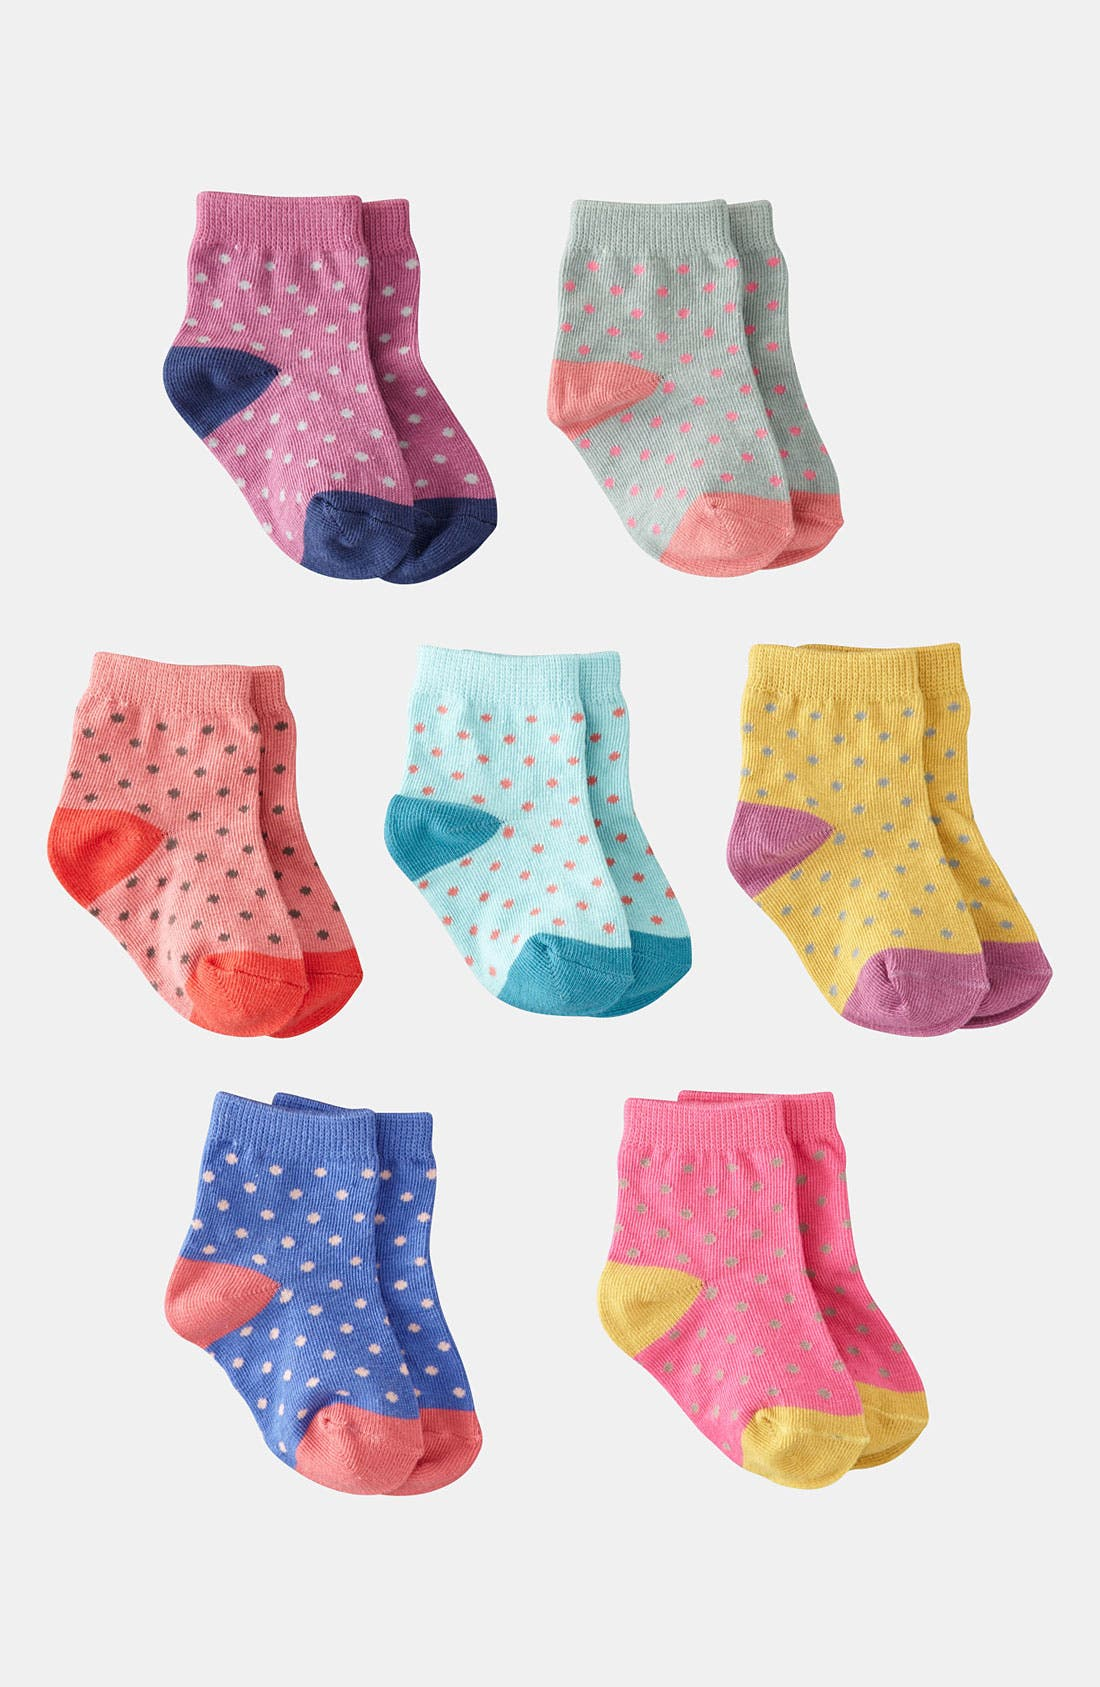 Main Image - Mini Boden Socks (7-Pack) (Infant & Toddler)